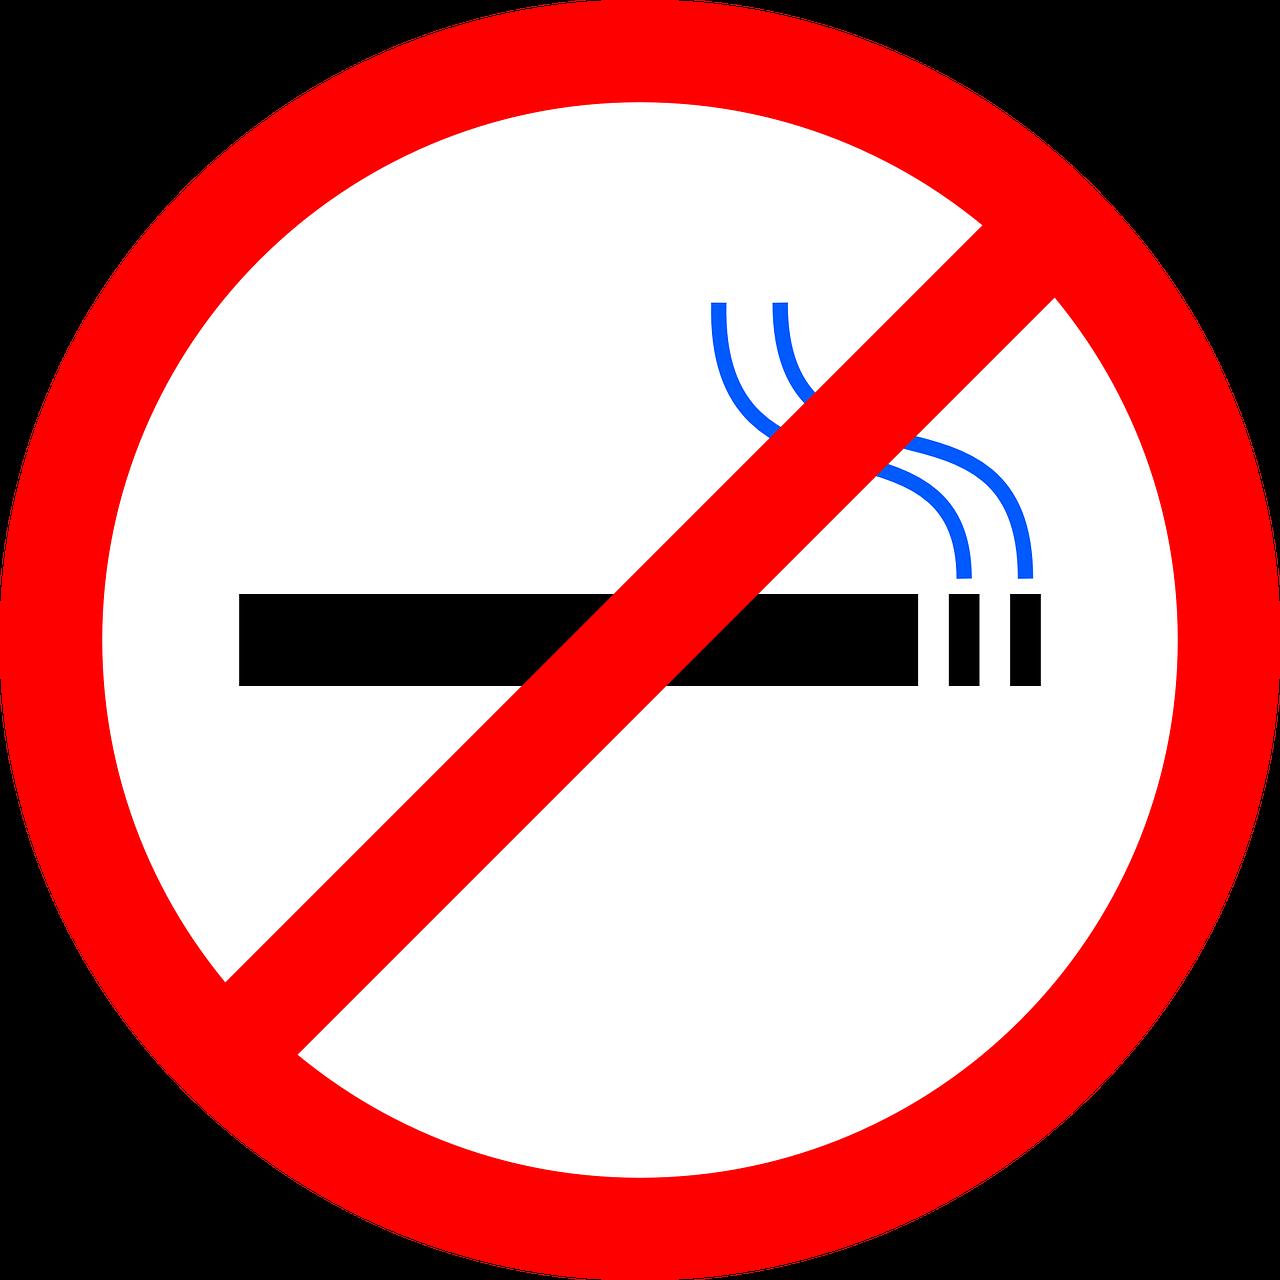 Non-smoking-151110 1280.png